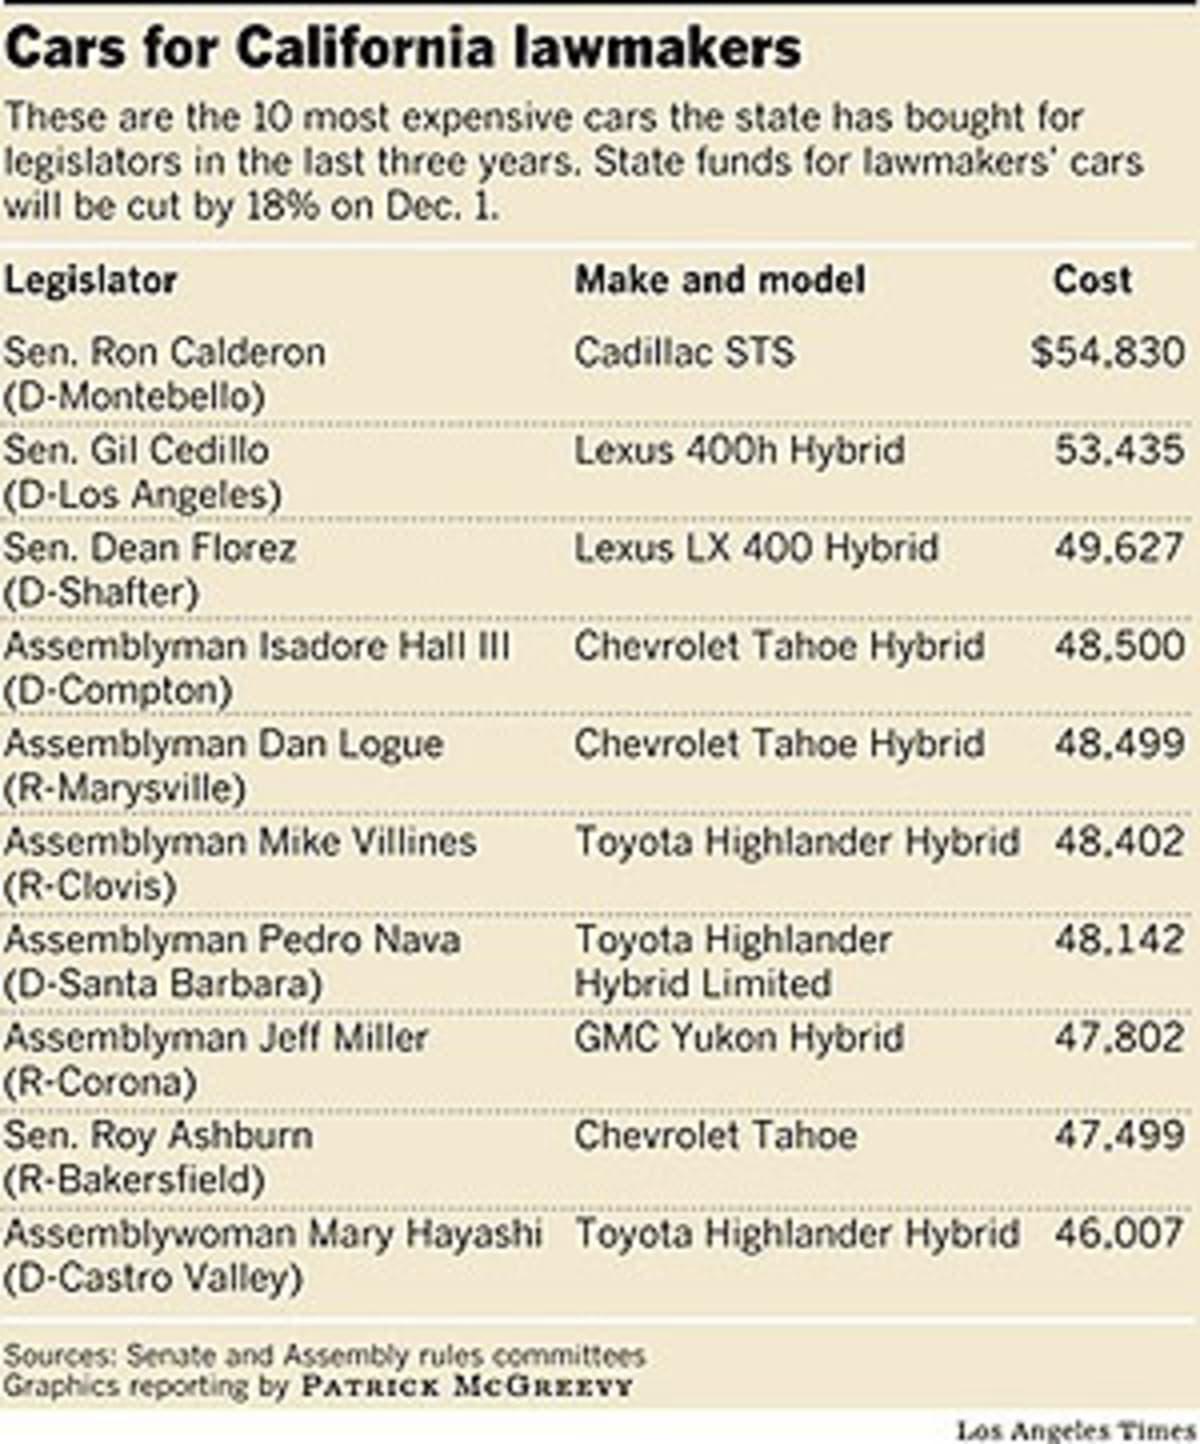 CA lawmaker cars